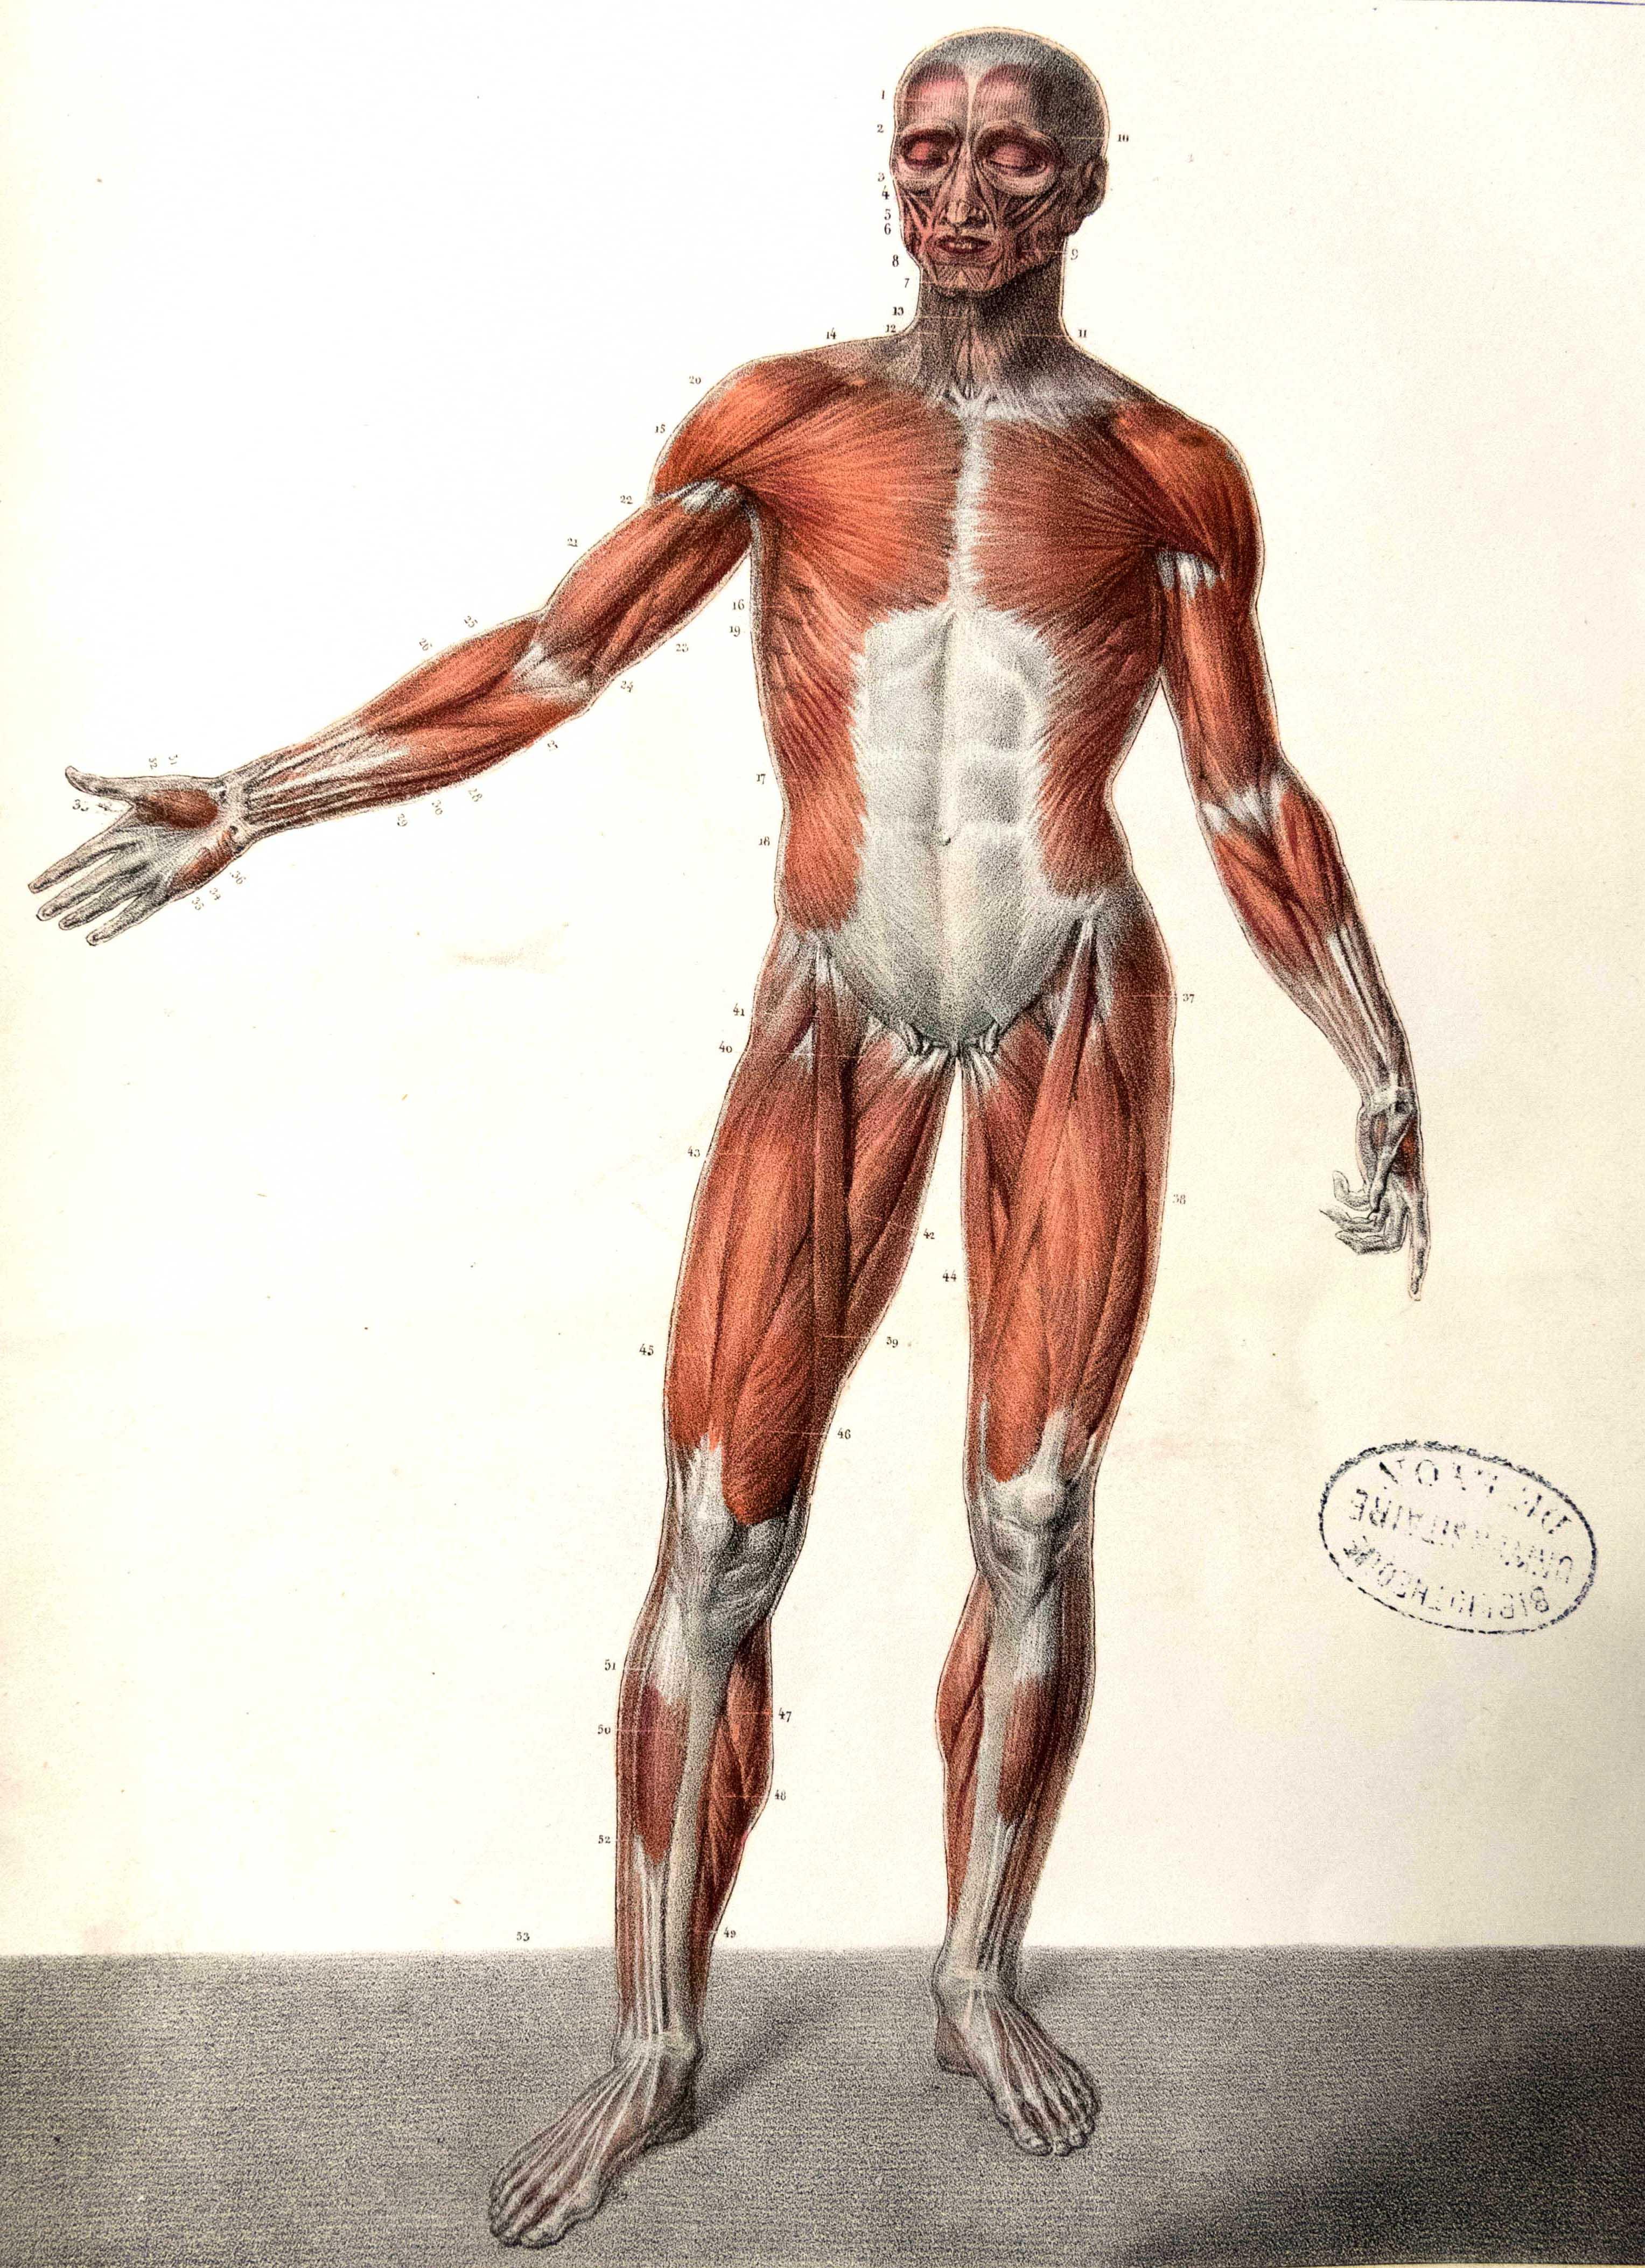 Großartig Usmle Anatomie Bewertung Ideen - Anatomie Ideen - finotti.info